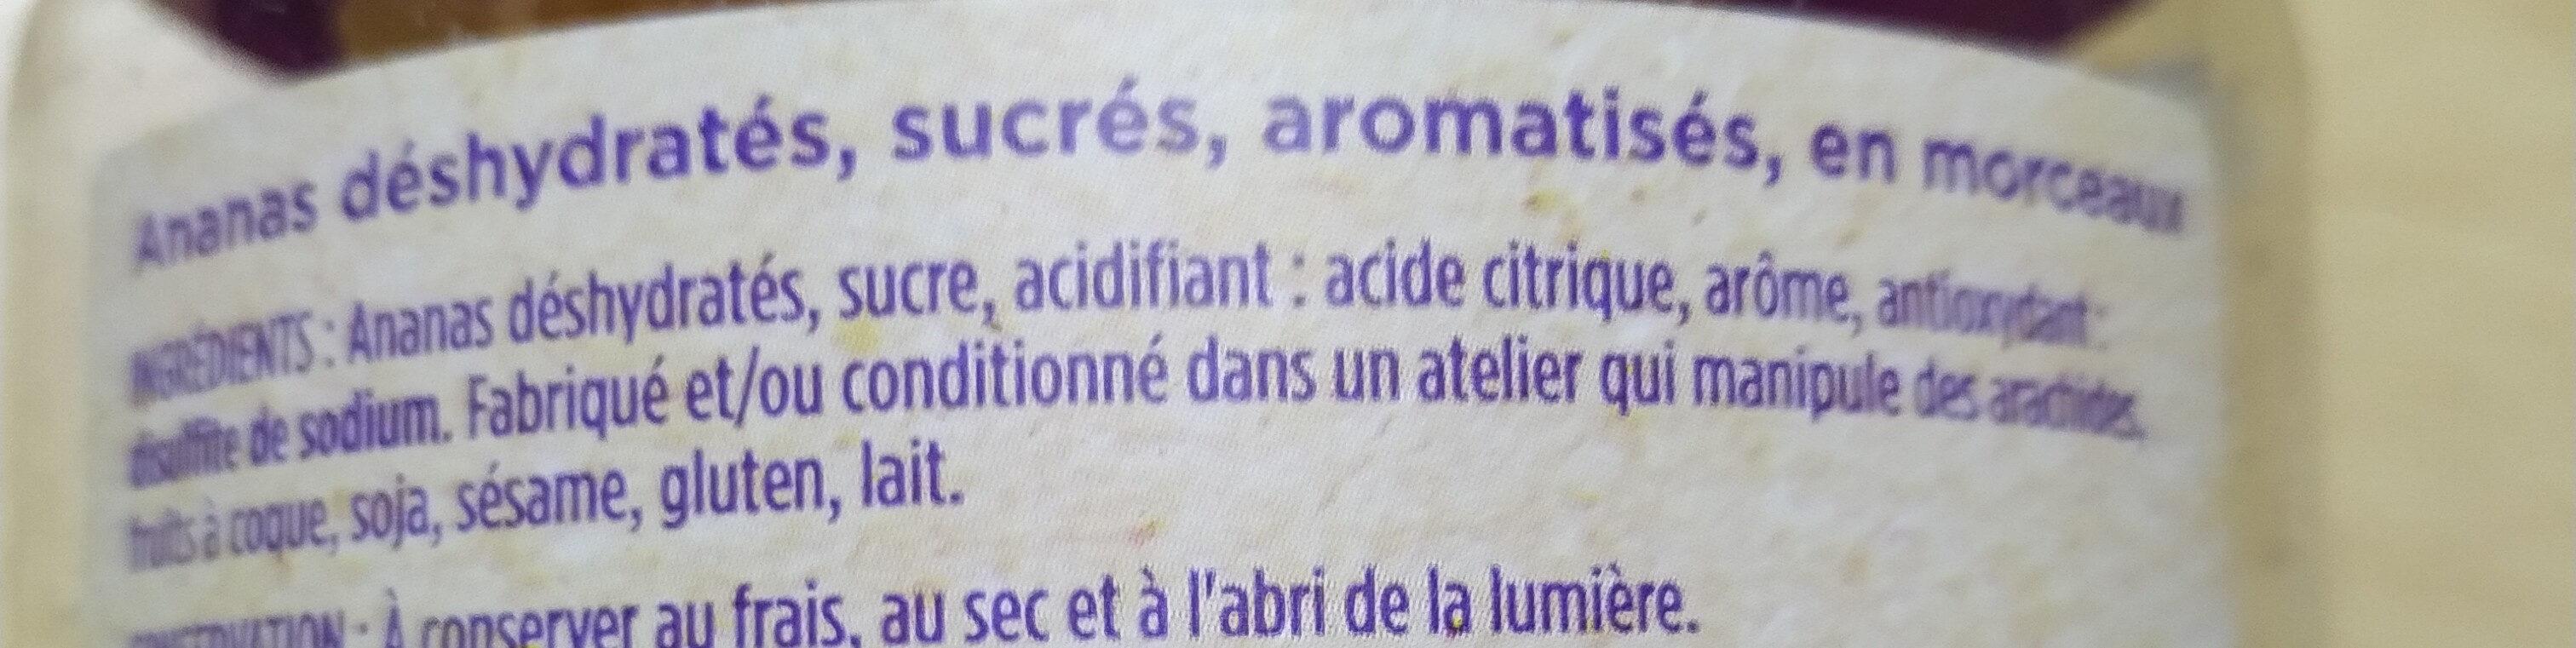 Ananas morceau - Ingrédients - fr